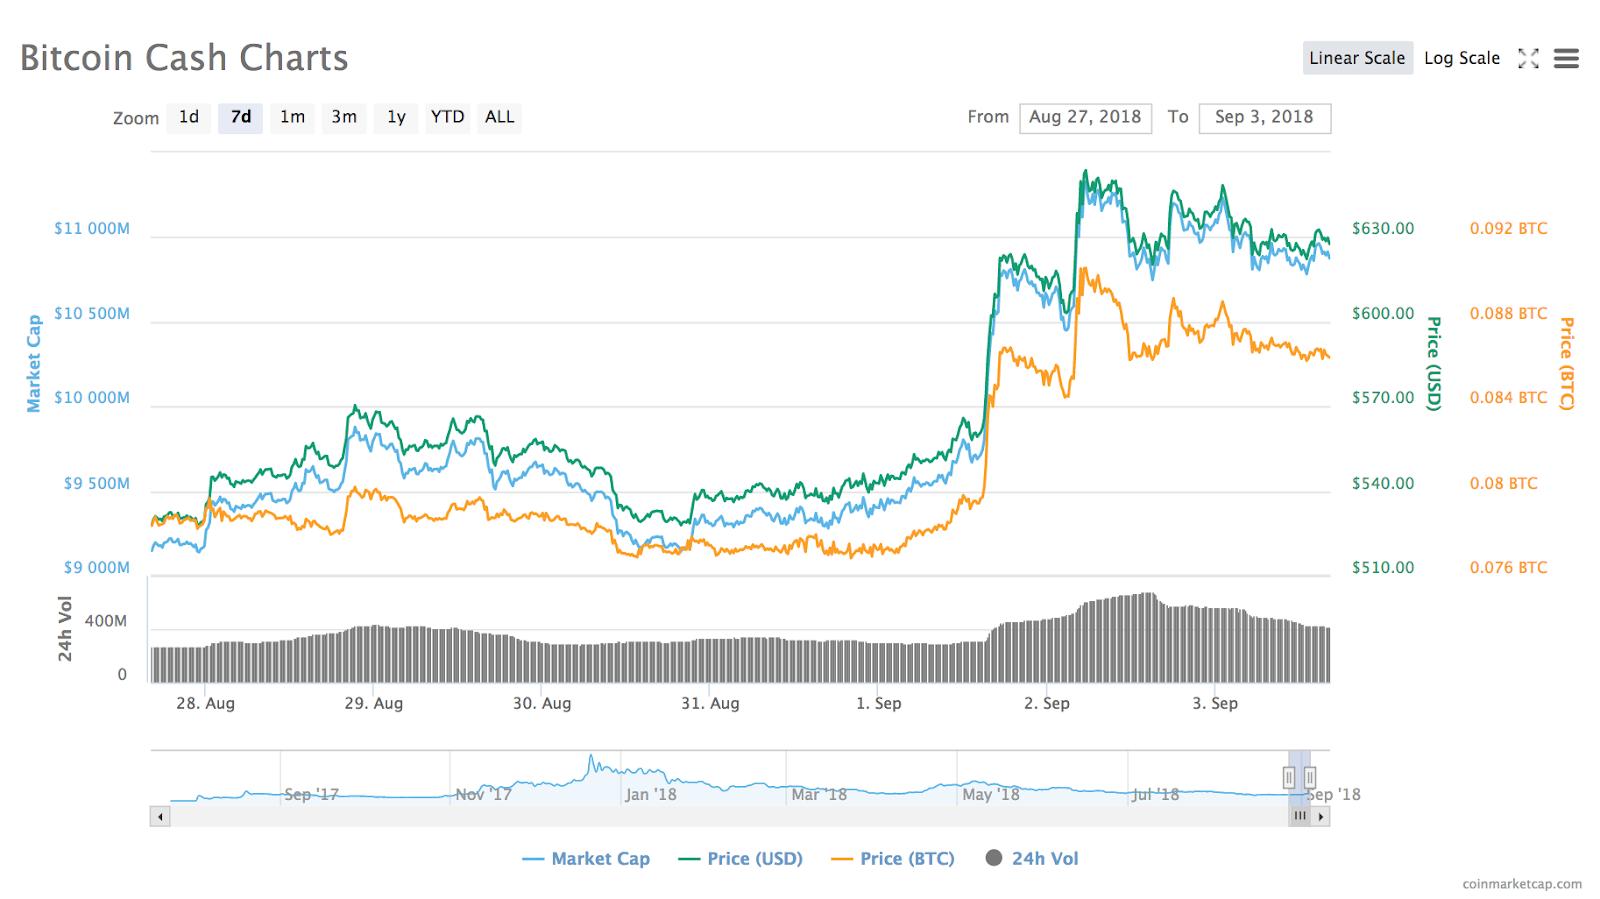 Gráfico de preço do Bitcoin Cash de 7 dias